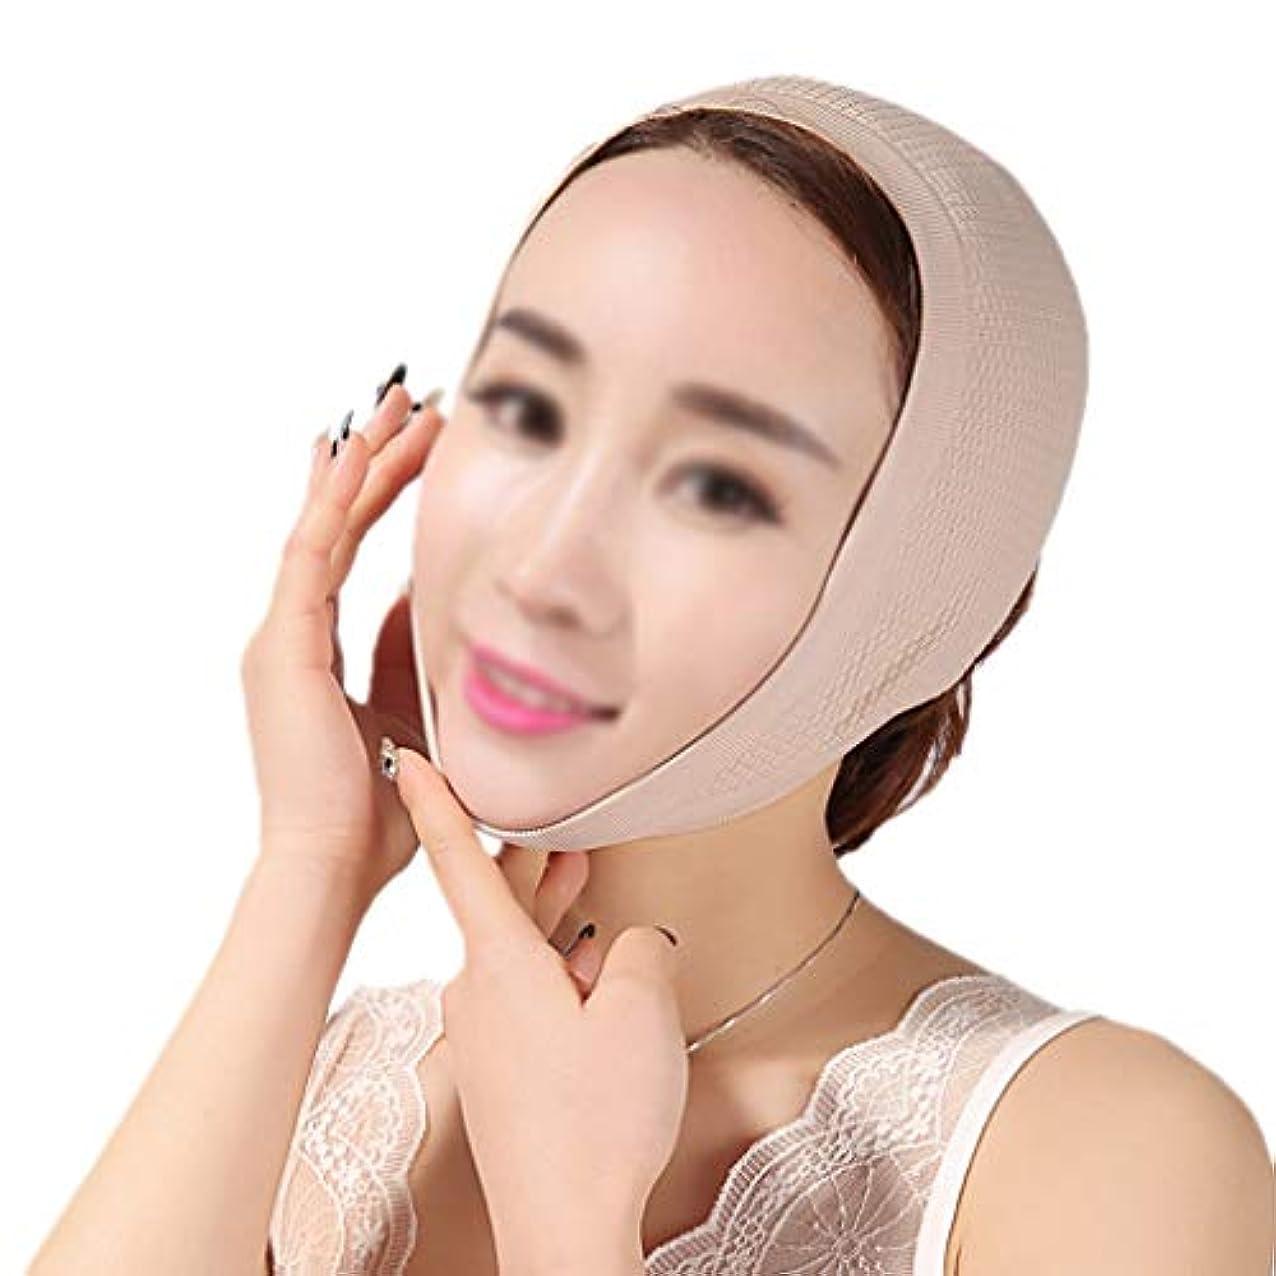 かんたんメイト赤ちゃんフェイスリフティングマスク、フェイスリフティング包帯、しわ防止マスク、フェイスリフティングベルト(ワンサイズ)